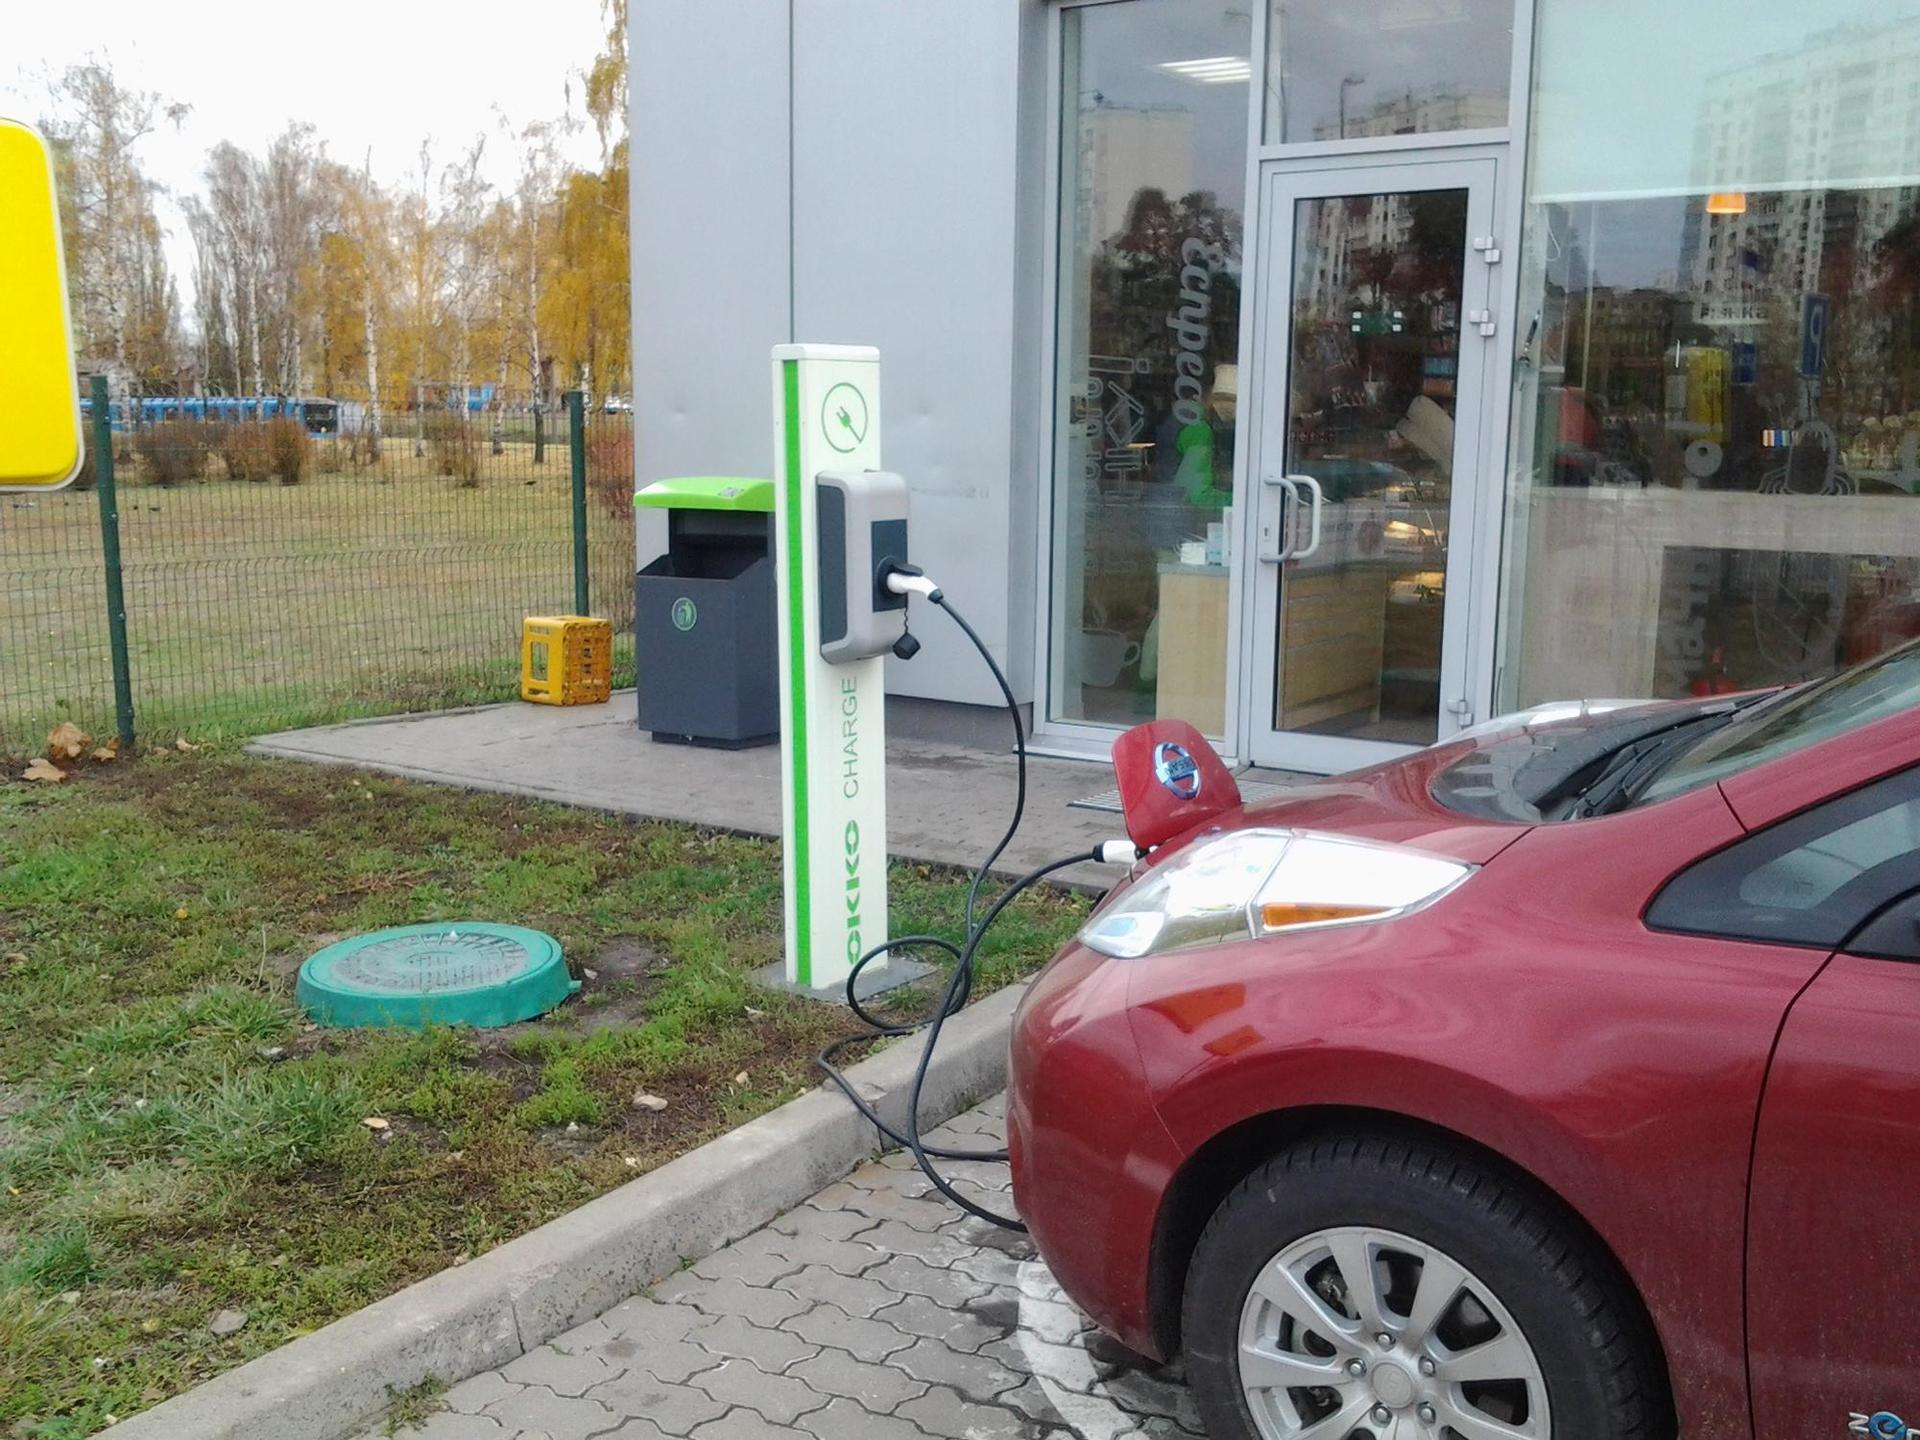 В Украине электромобилизация идет полным ходом: за год количество электрозарядных установок выросло в 10 раз - 3